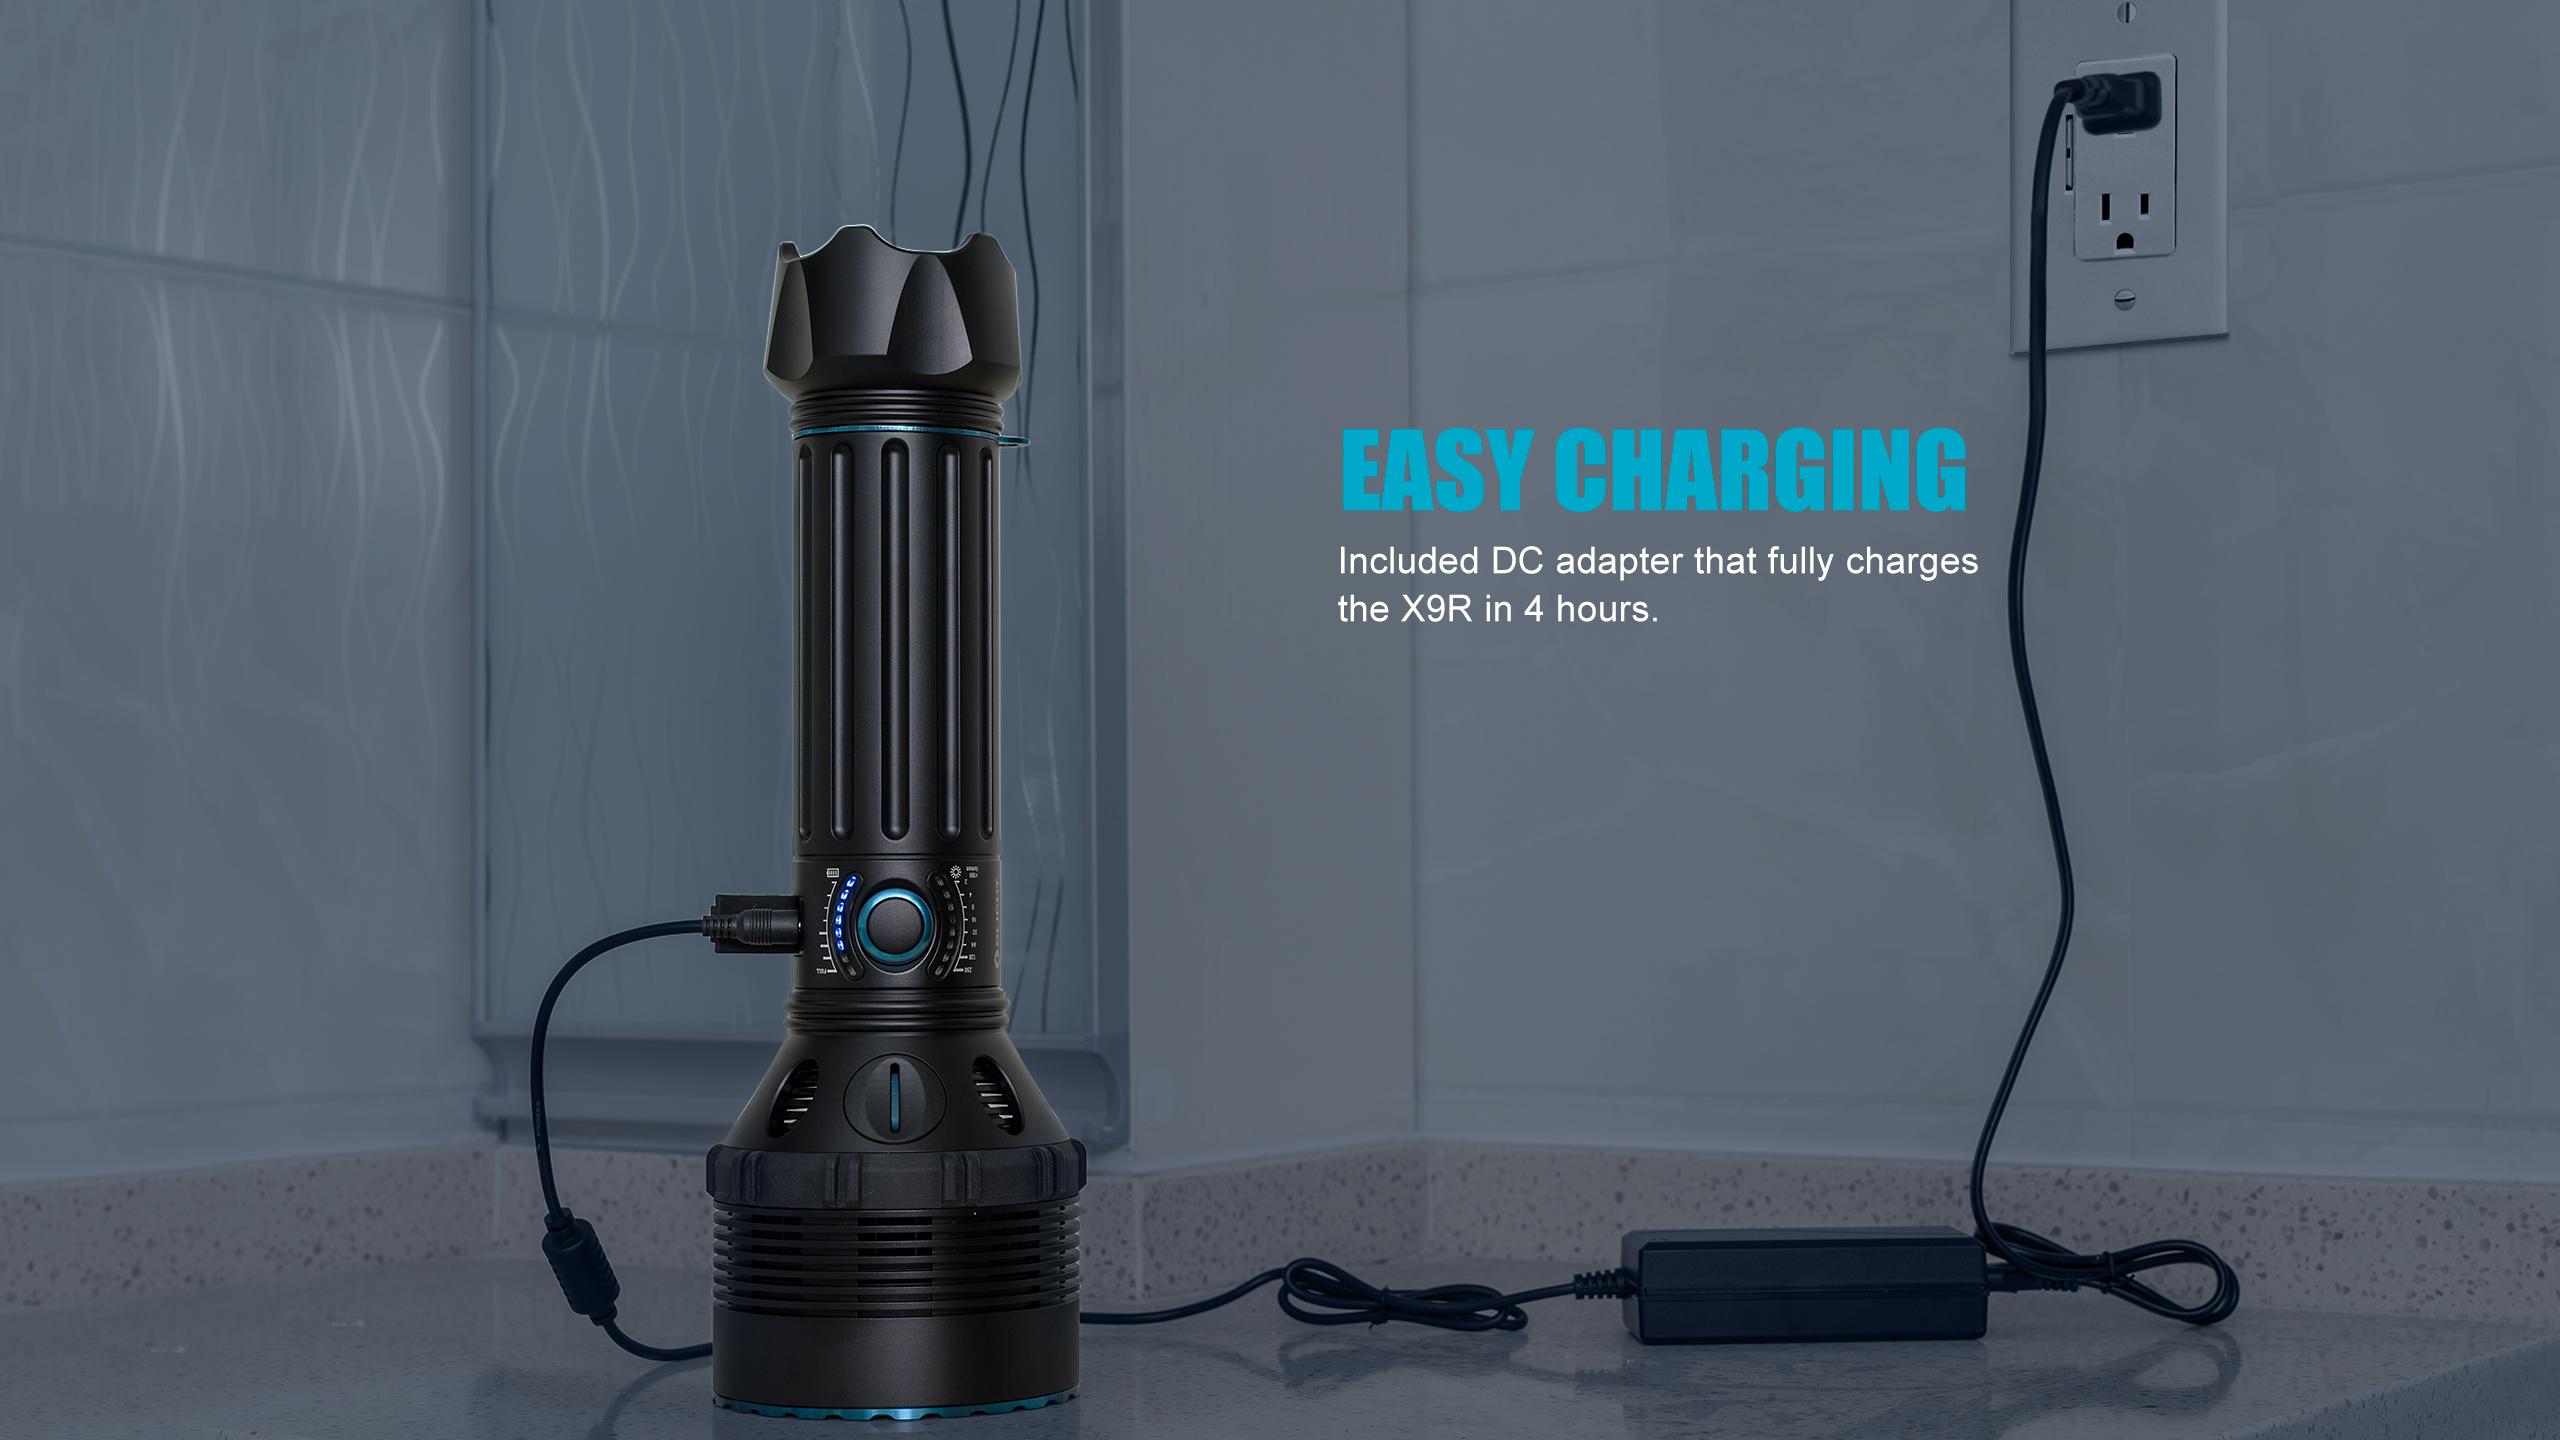 X9R Brightest Flashlight Easy Charging